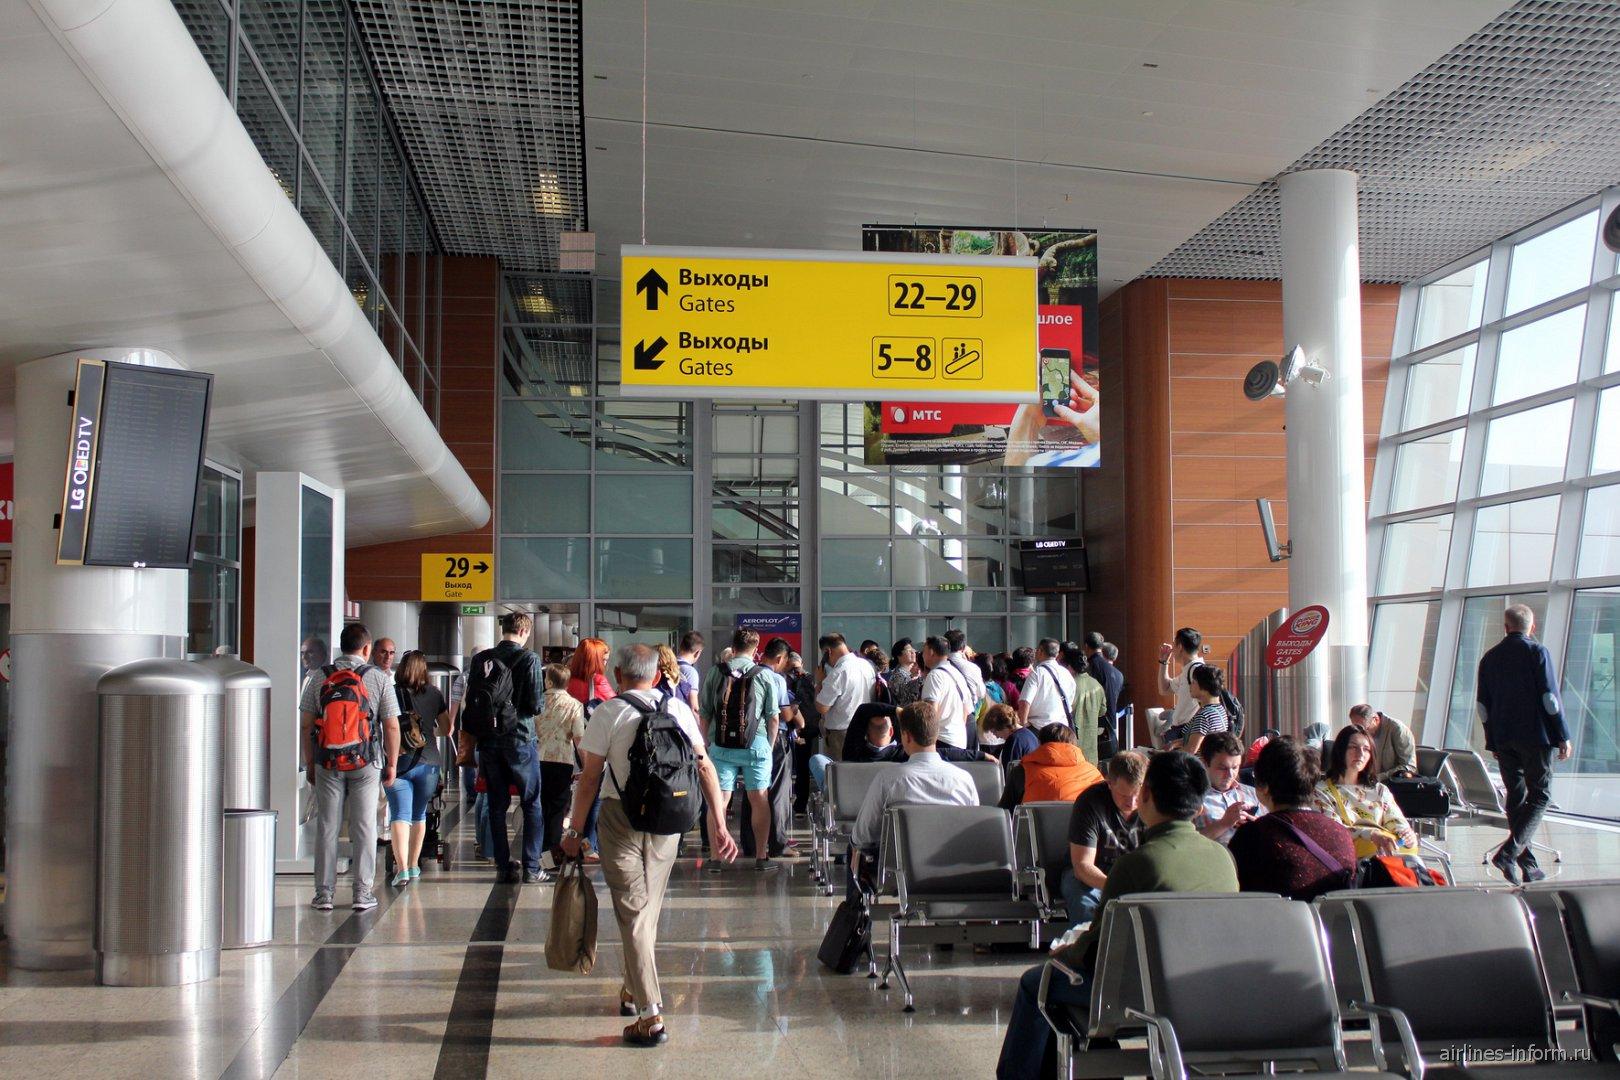 Выход на посадку в терминале D аэропорта Шереметьево